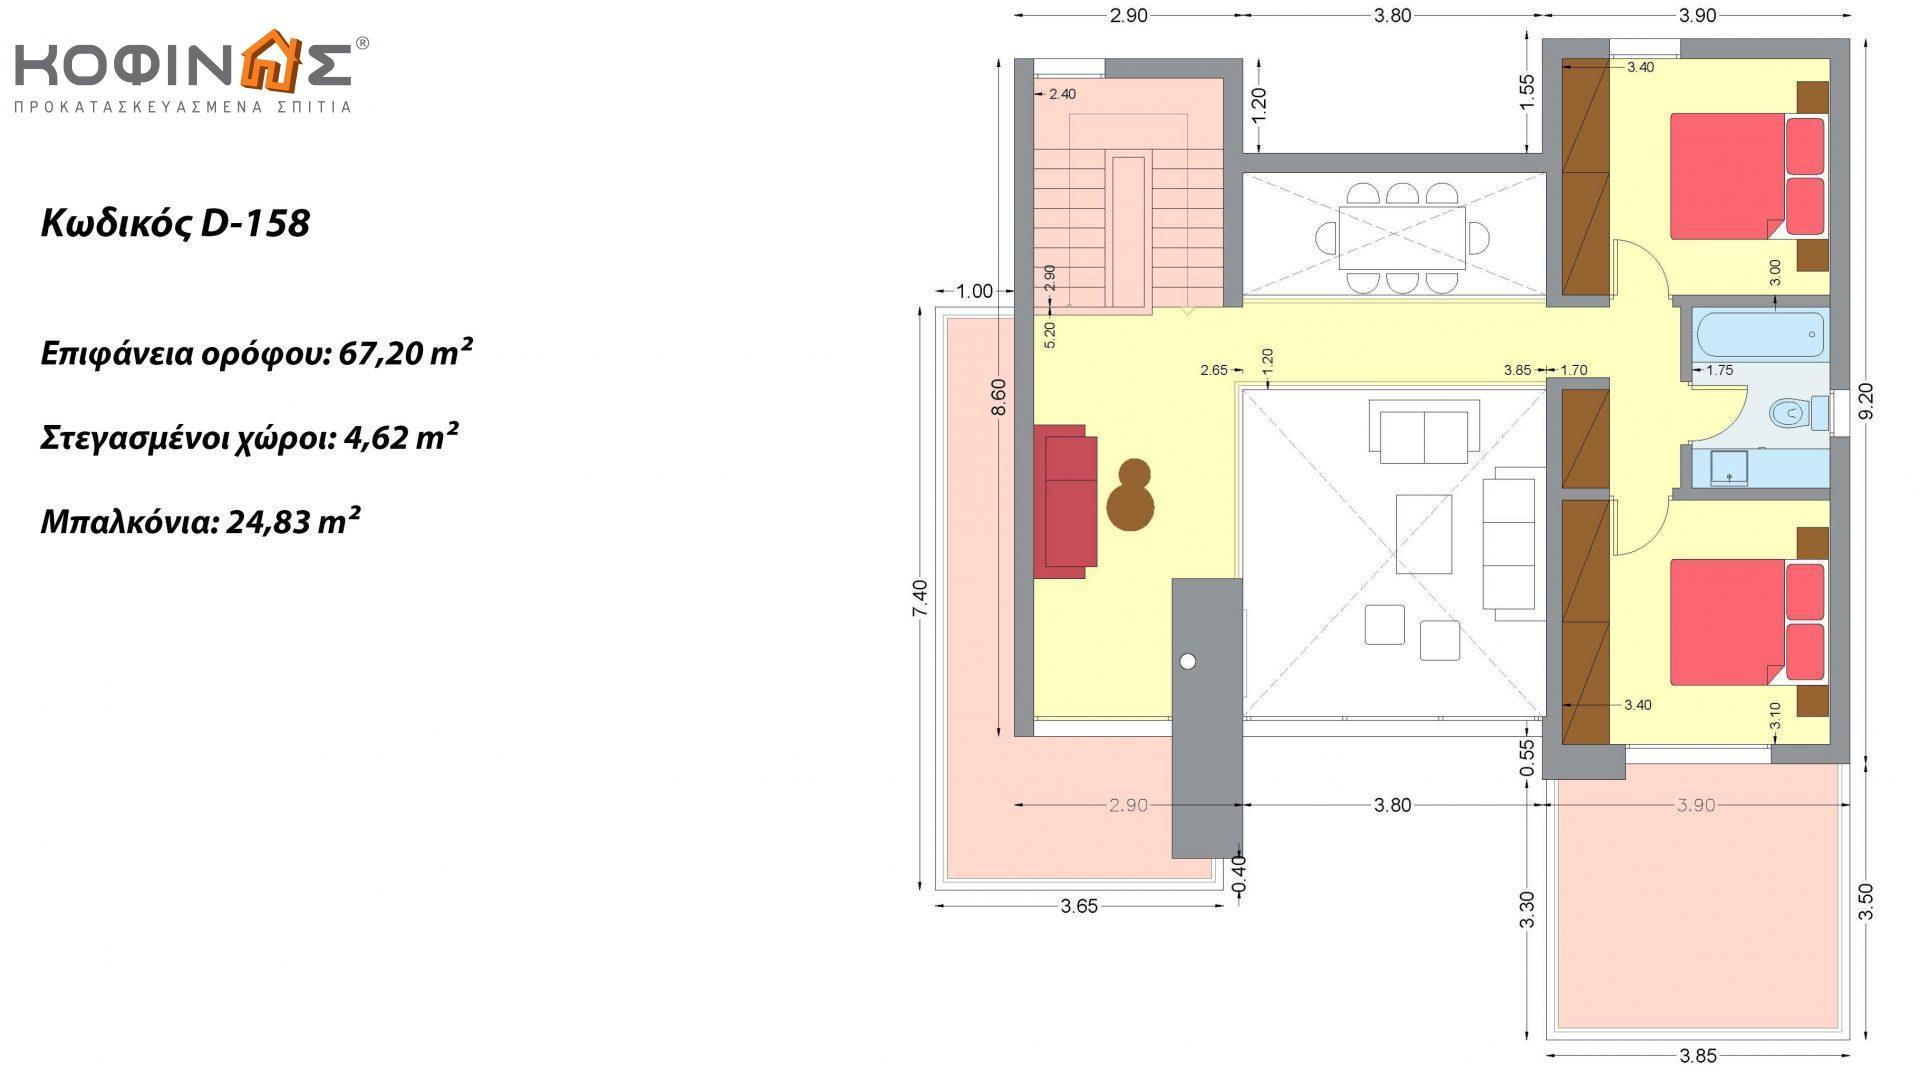 Διώροφη Κατοικία D-158, συνολικής επιφάνειας 158,51 τ.μ., συνολική επιφάνεια στεγασμένων χώρων 29.45 τ.μ., μπαλκόνια 24.83 τ.μ.